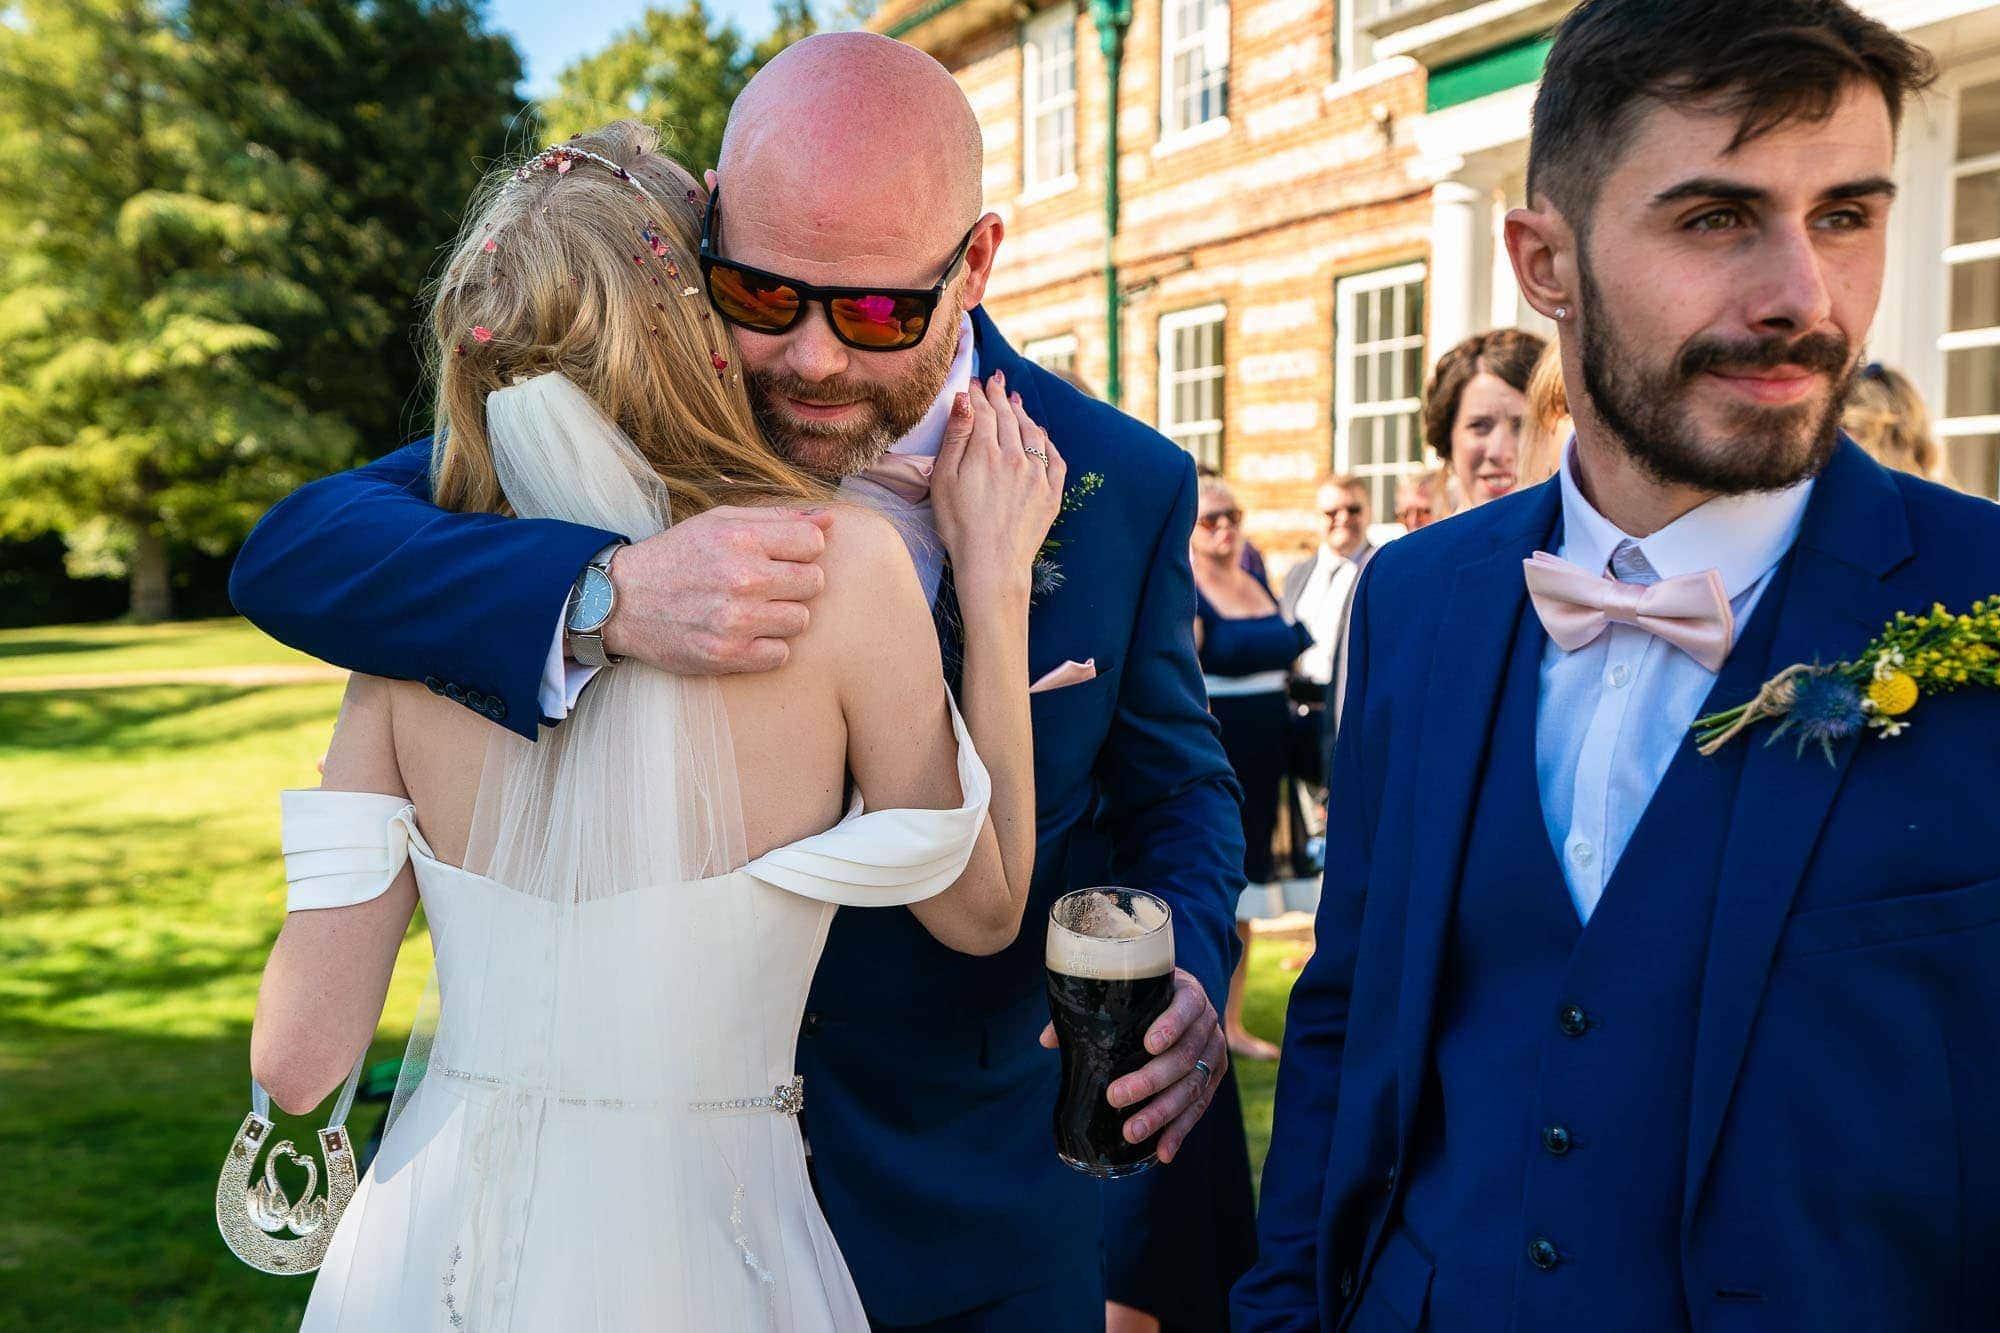 Norton Park Wedding Two Brides 67 0763